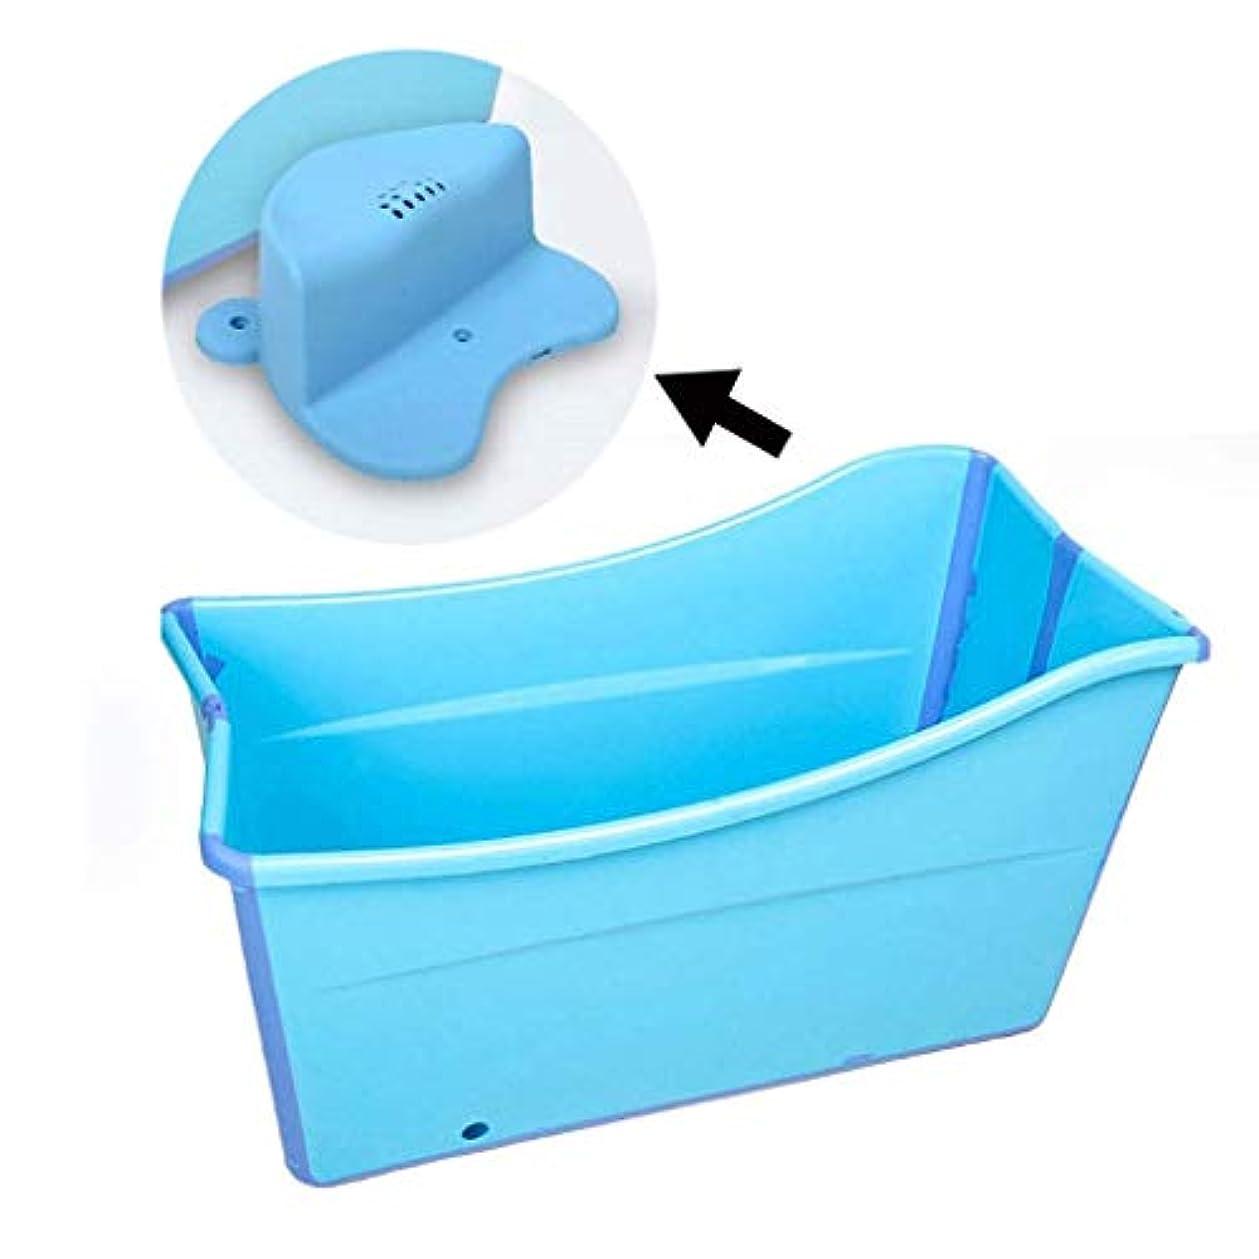 文法連邦規定ジャンボ折り畳み浴槽に入浴椅子があり、夏のプールの独立式浴槽桶は成人/老人、子供、SPA理学療法に適していて、浴槽がさらに高くなって、長い保温時間に蓋が付いています (Color : Blue)